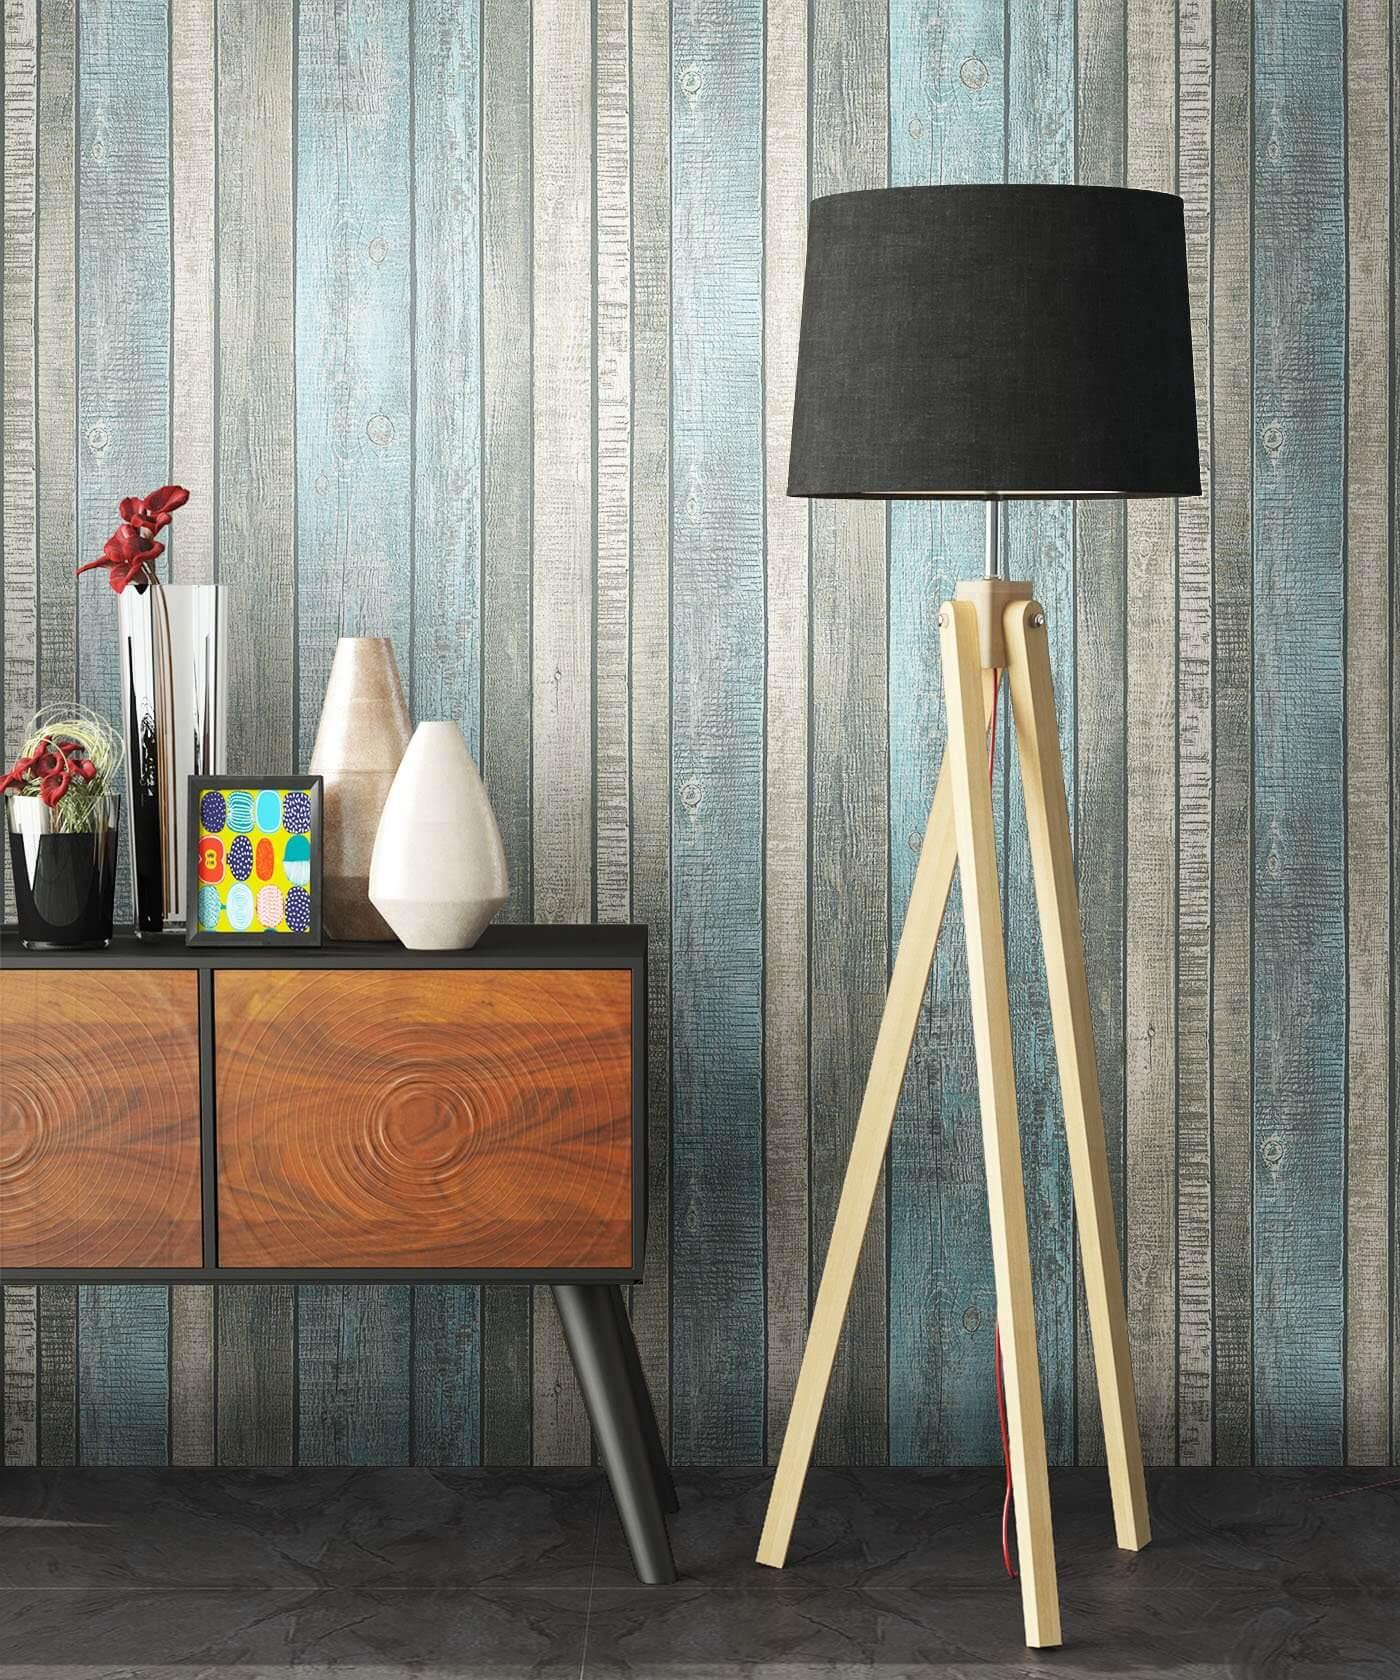 vliestapete blau landhaus holzbalken holz bad diele flur k che schlafen wohnen. Black Bedroom Furniture Sets. Home Design Ideas